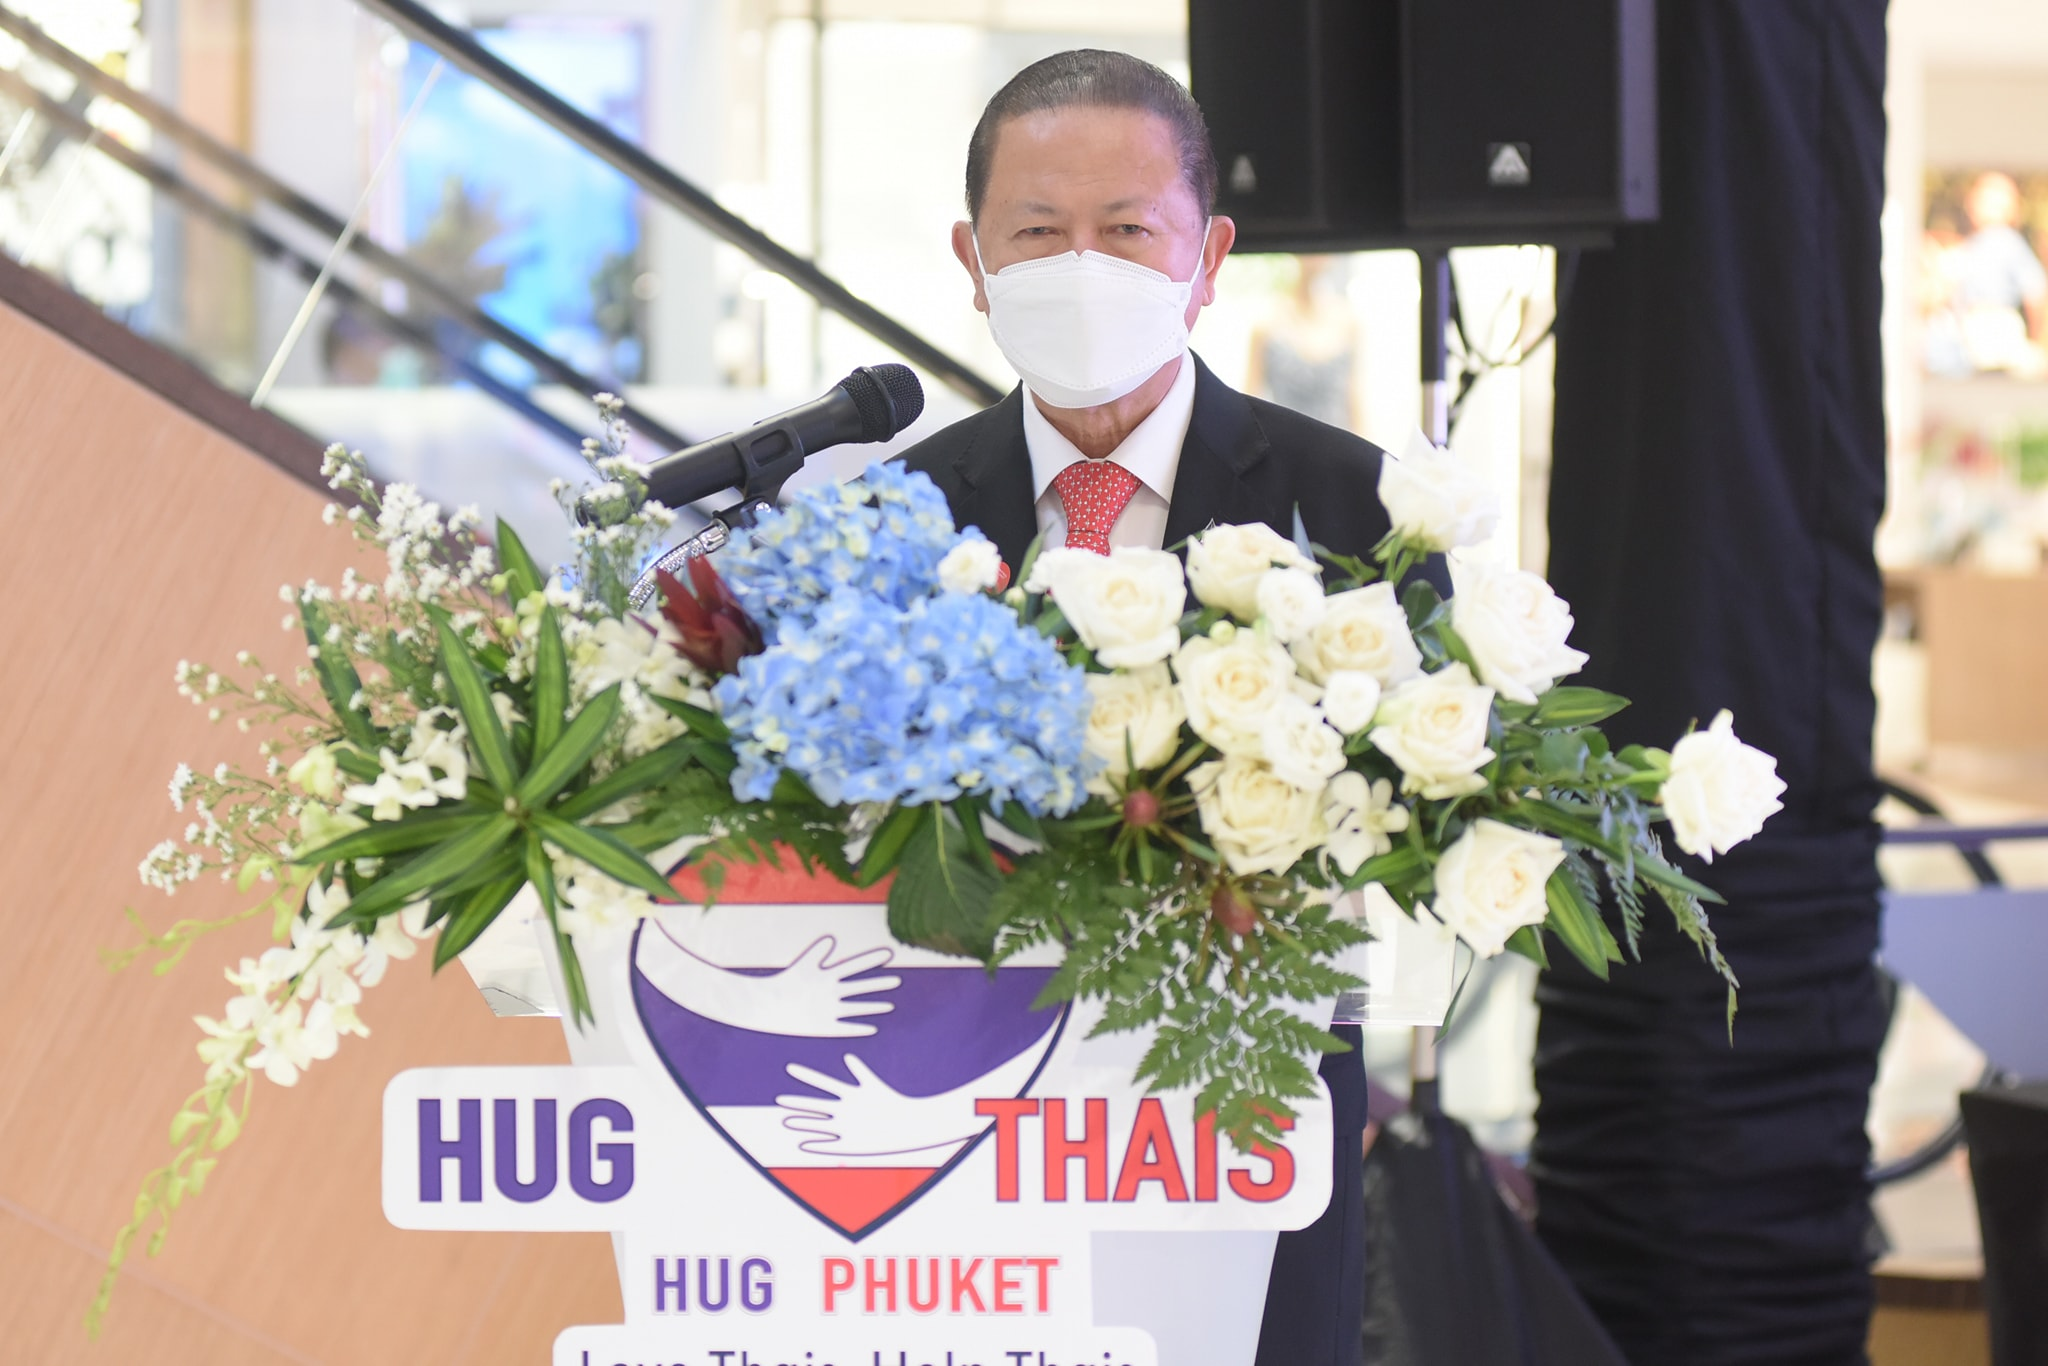 """หอการค้า เปิด """"ฮักไทย ฮักภูเก็ต"""" หนุนเปิดประเทศ คาดสร้างเม็ดเงินกว่า 1.2 หมื่นล้าน"""